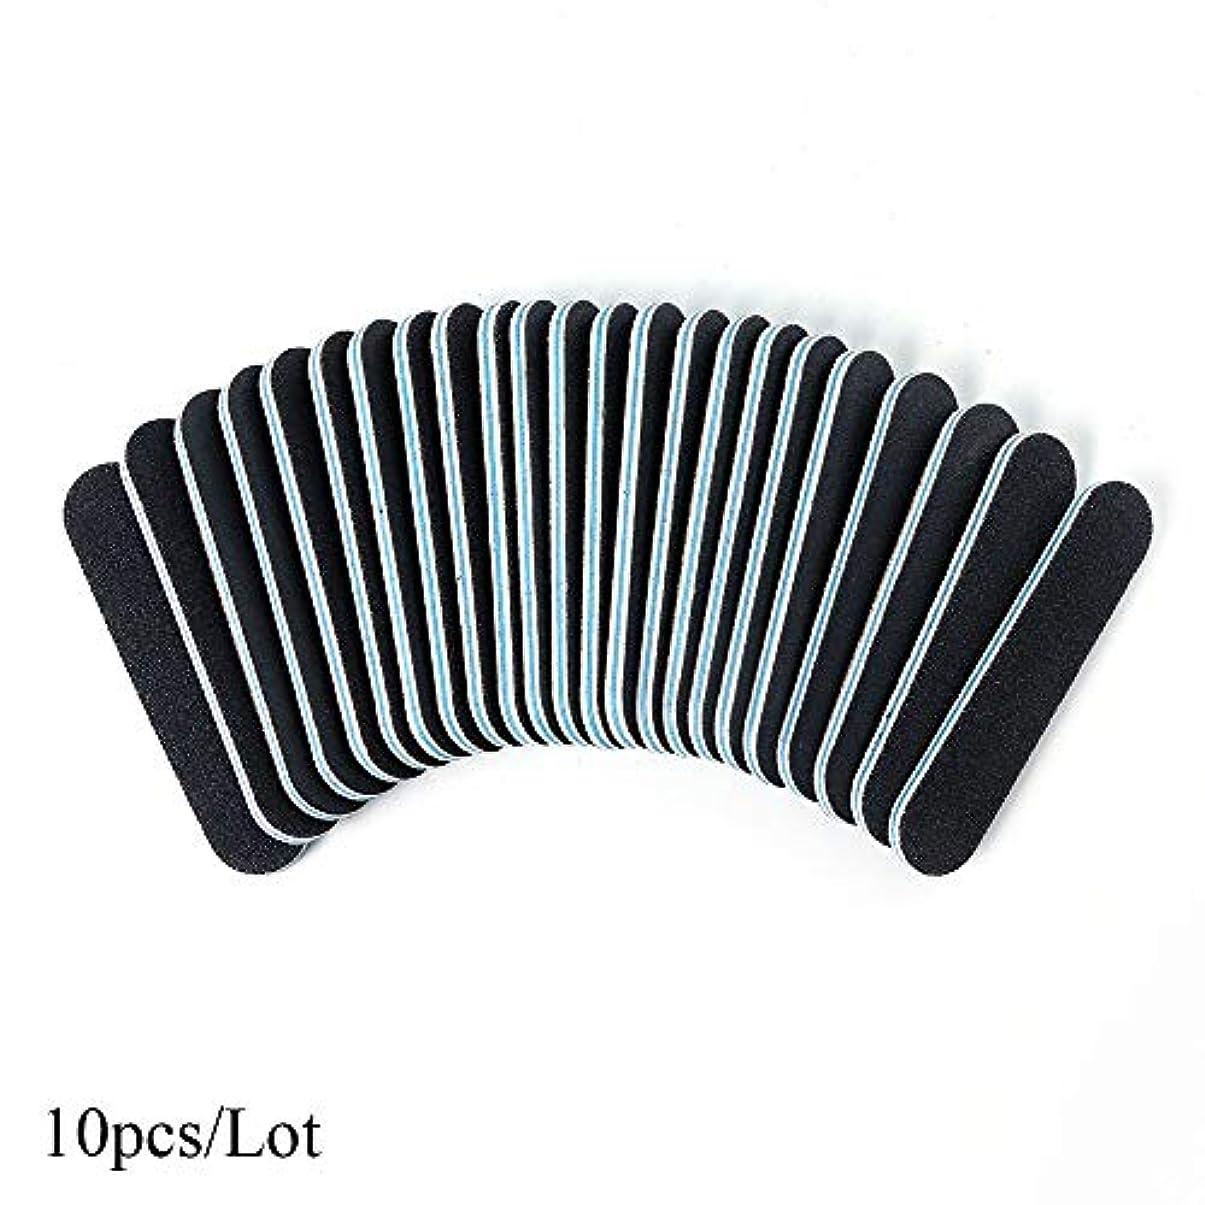 10ピース/ロット両面ネイルファイル黒スリムバッファブロックサンディングスポンジポリッシャーサンドペーパーマニキュアアートツールアクセサリーSAA32ブルー